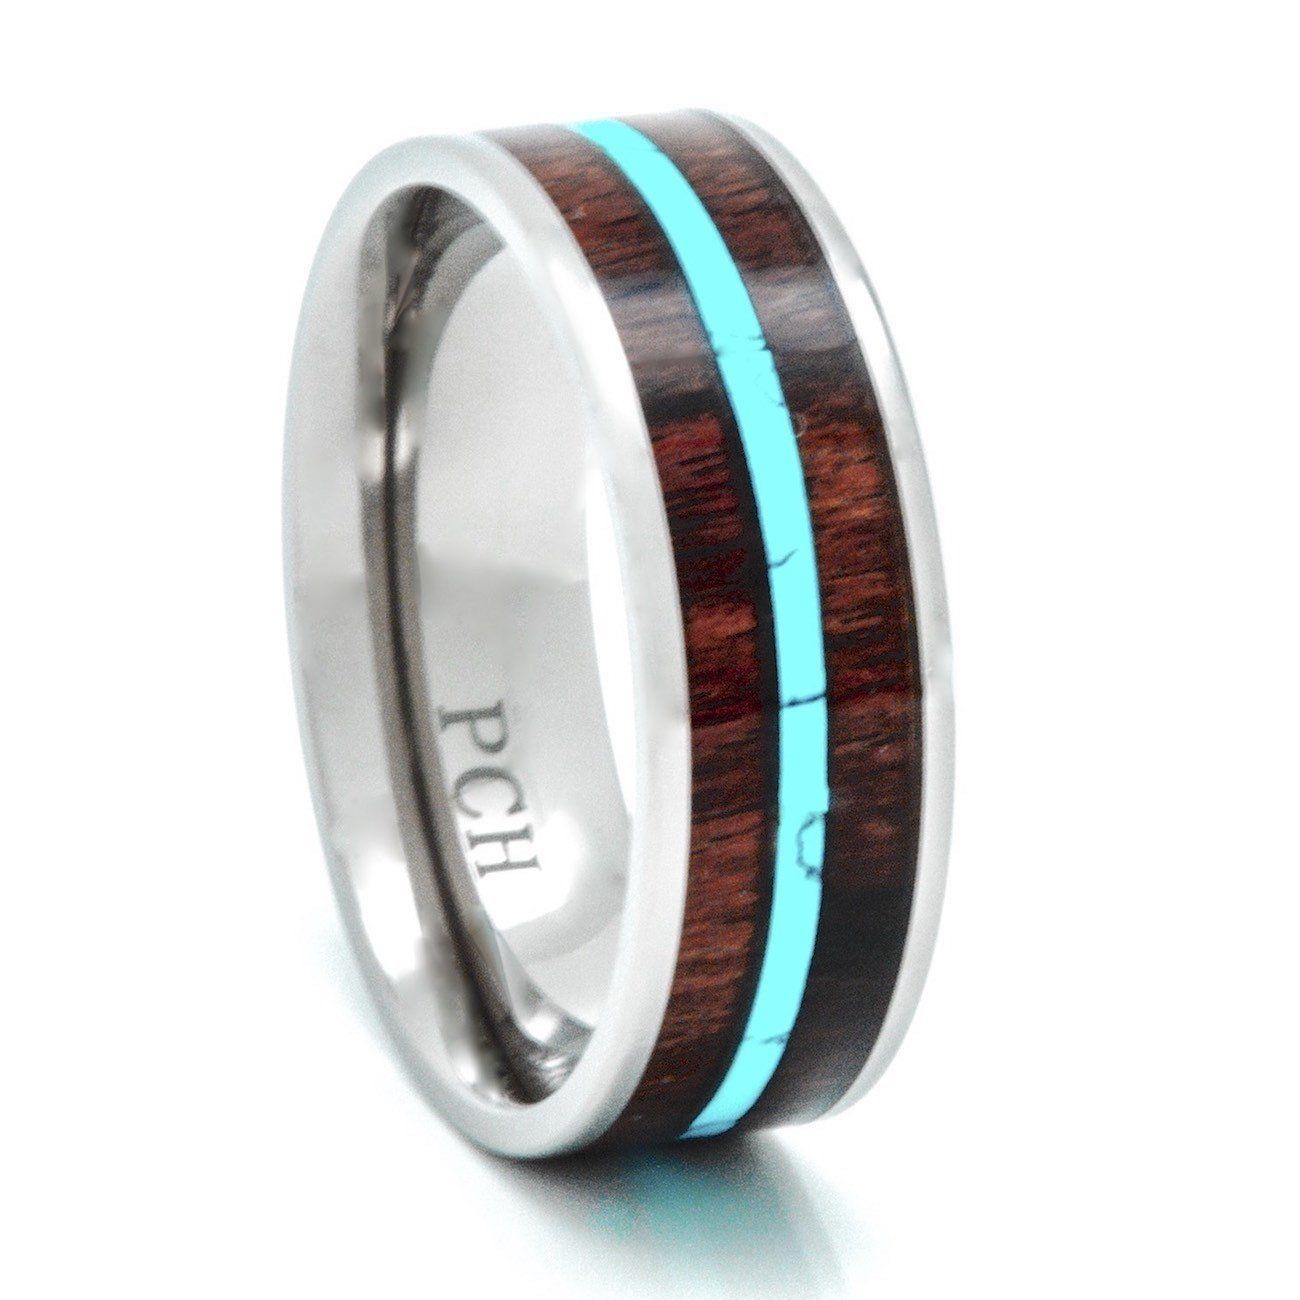 Titanium hawaiian koa wood and turquoise inlay wedding band ring mm